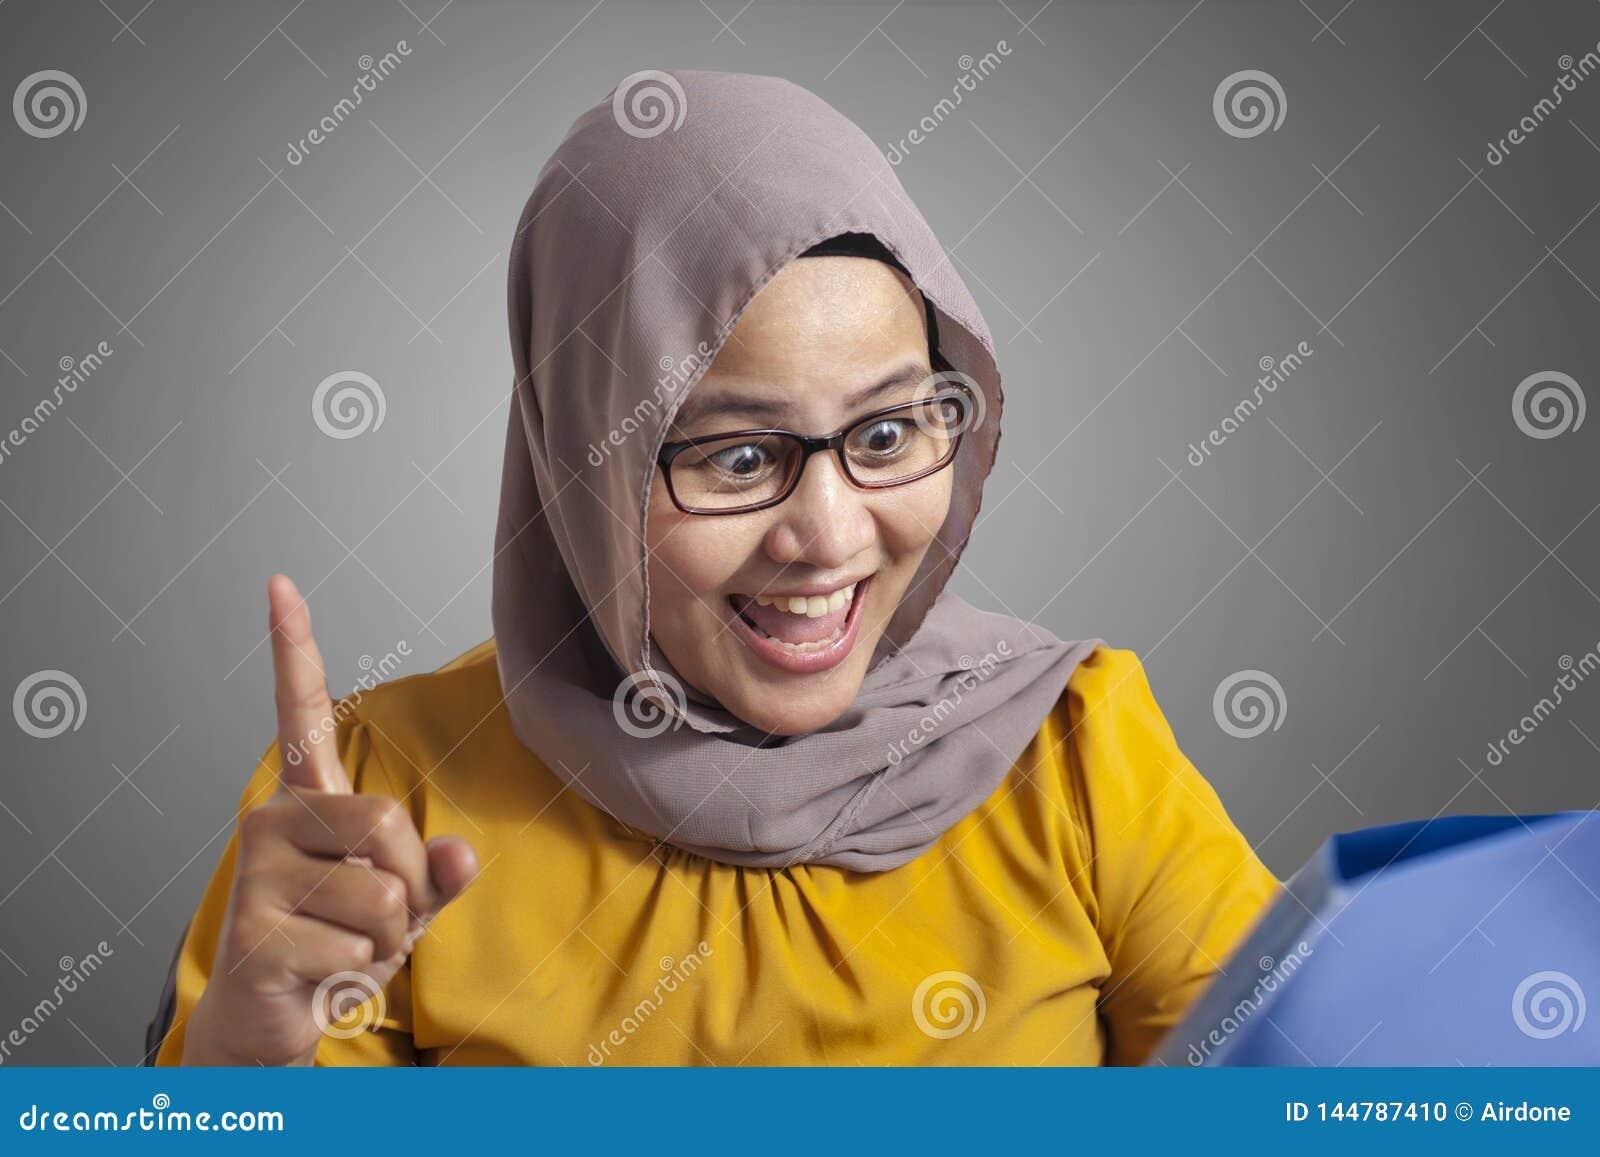 Moslemische Gesch?ftsfrau Working auf Laptop im B?ro, denkende Geste